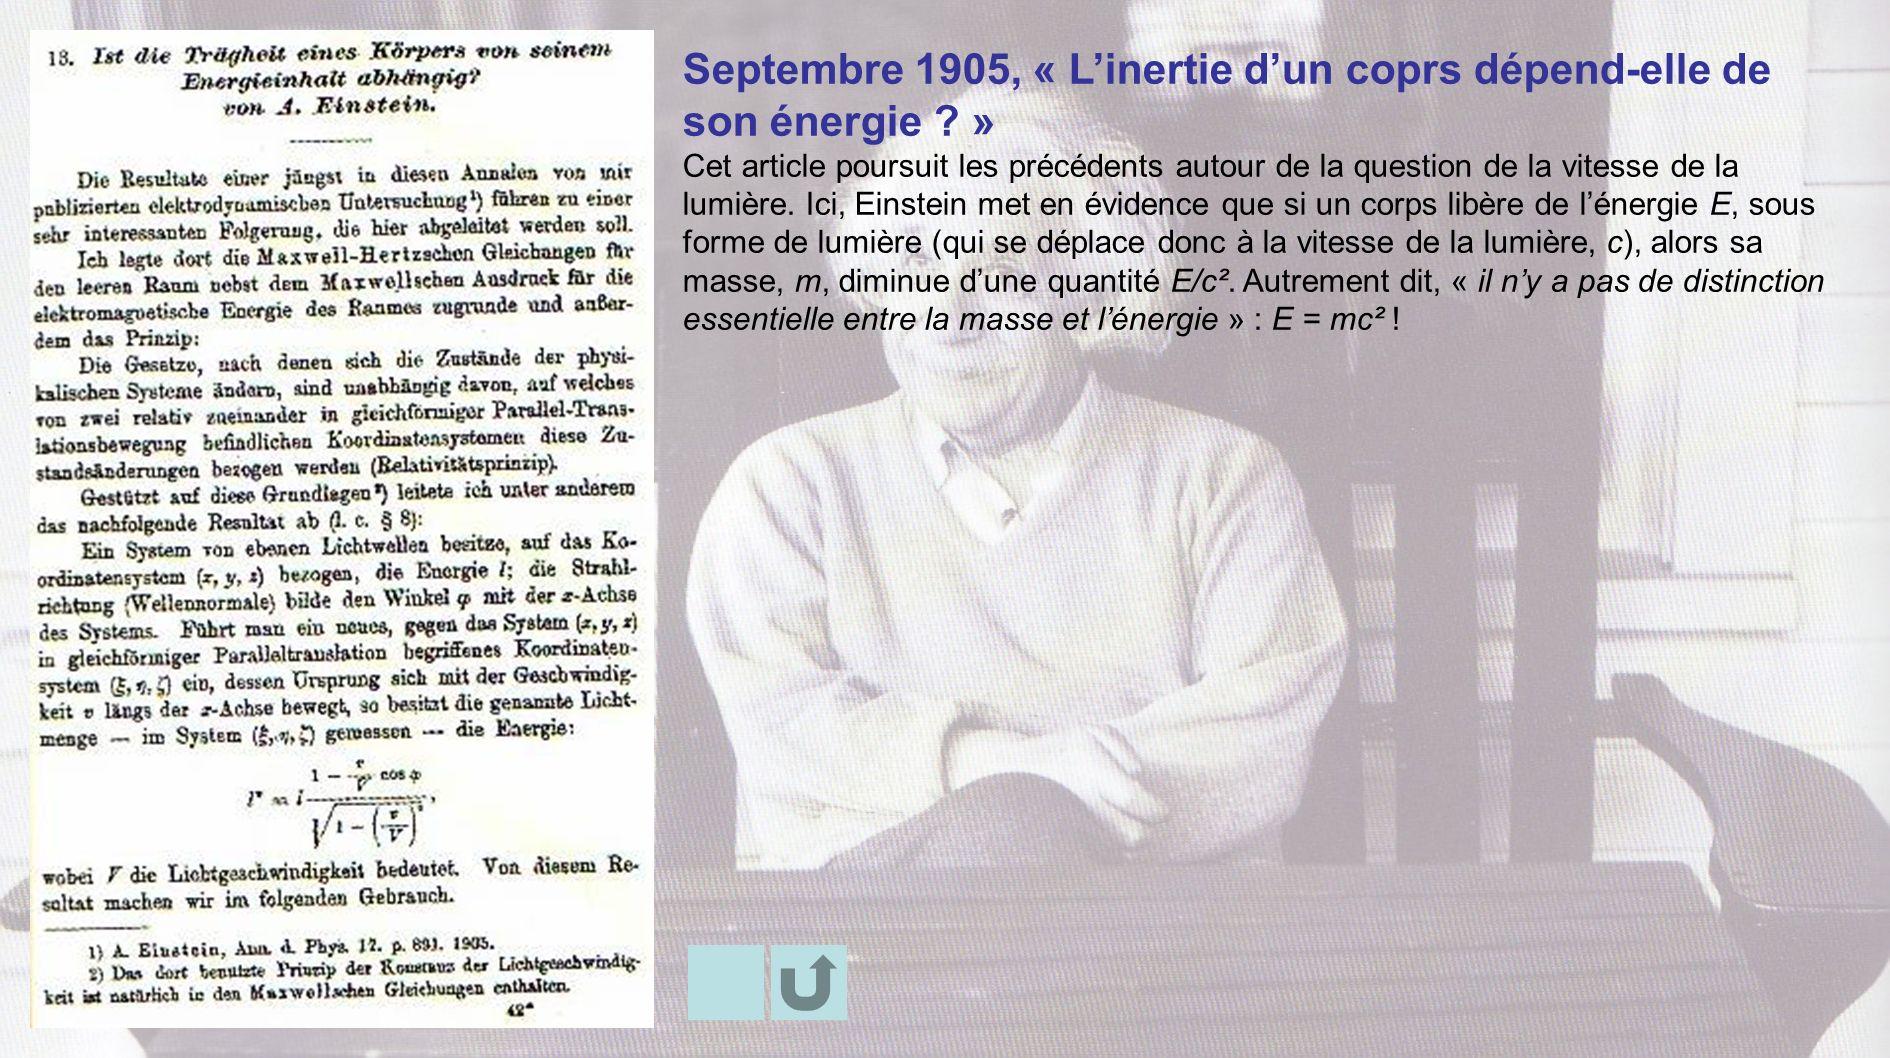 Septembre 1905, « Linertie dun coprs dépend-elle de son énergie ? » Cet article poursuit les précédents autour de la question de la vitesse de la lumi